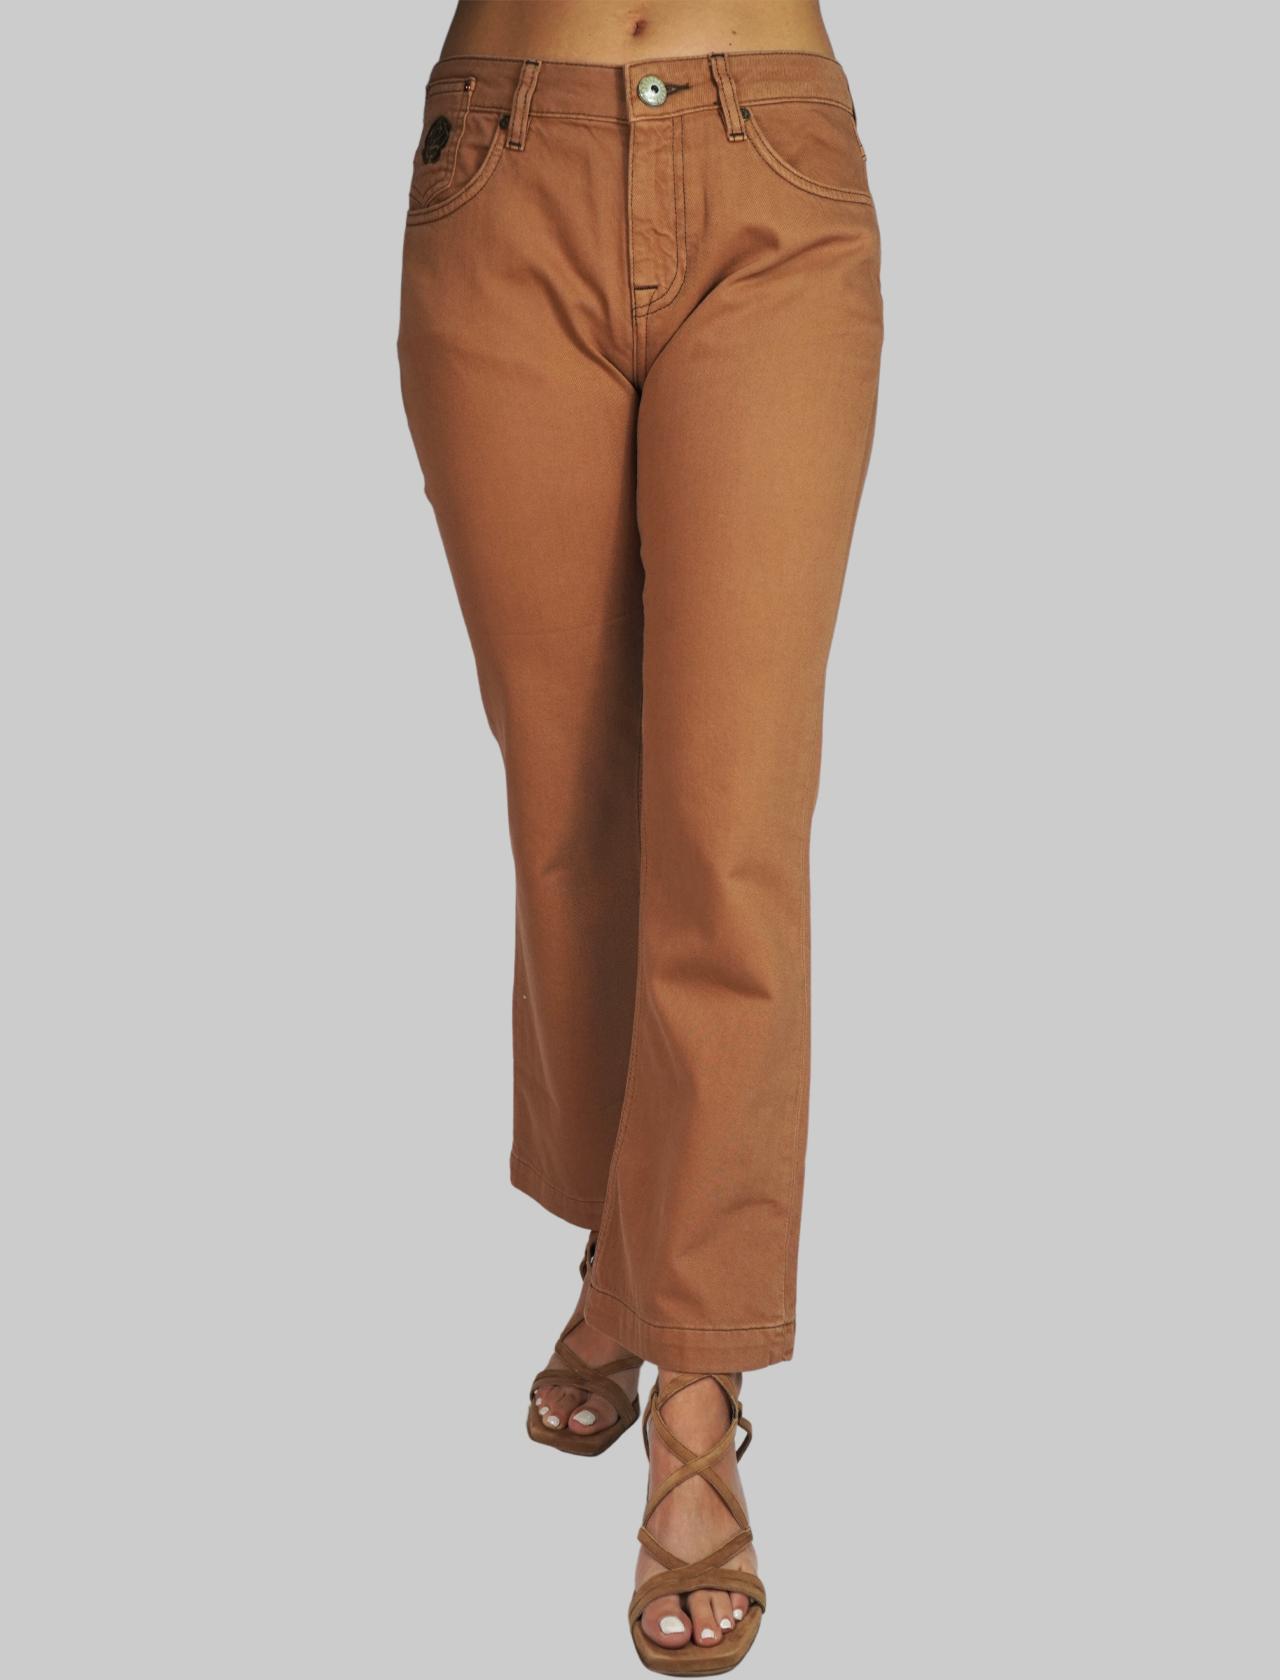 Abbigliamento Pantalone Donna Taglio Jeans a Trombetta in Gabardine Colore Mattone 5 Tasche Maliparmi | Gonne e Pantaloni | JH72041013312021